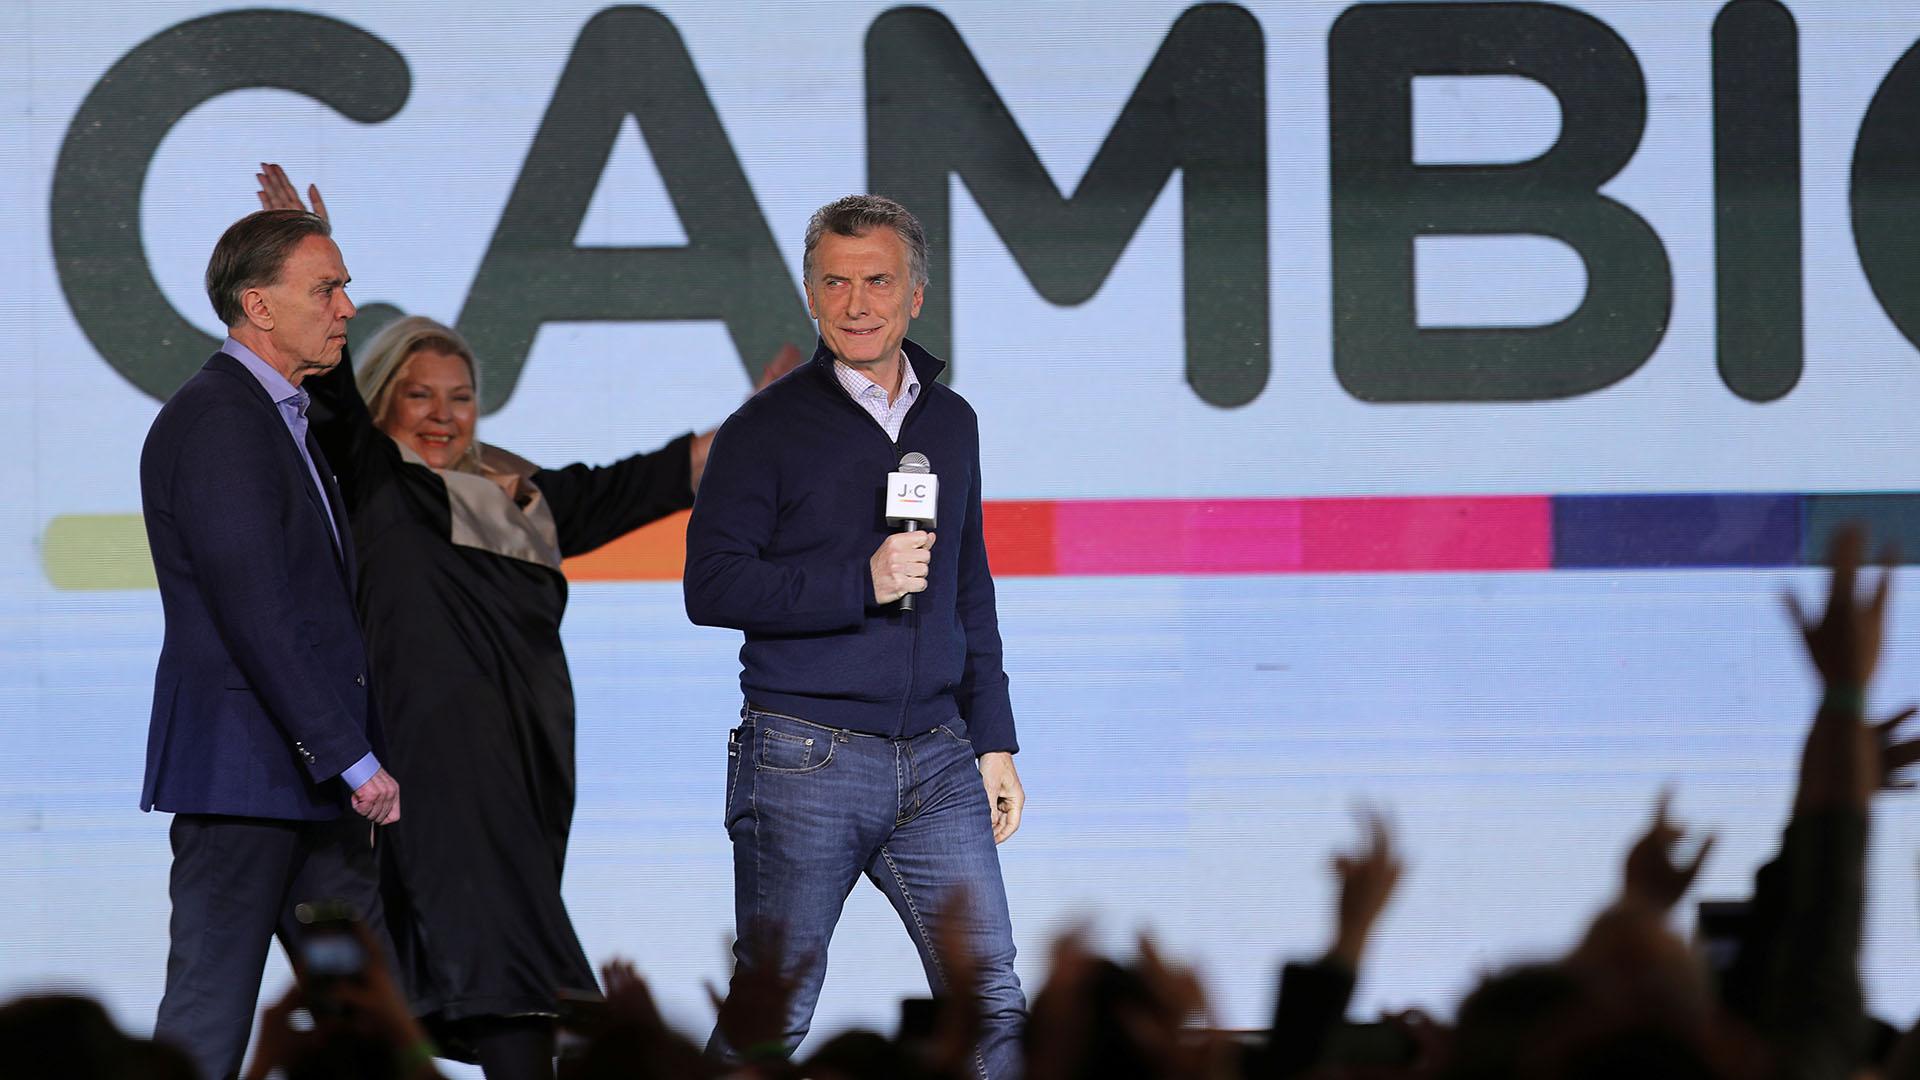 Con un look relajado, Mauricio Macri eligió un cardigan con cierre azul, camisa celeste y jeans